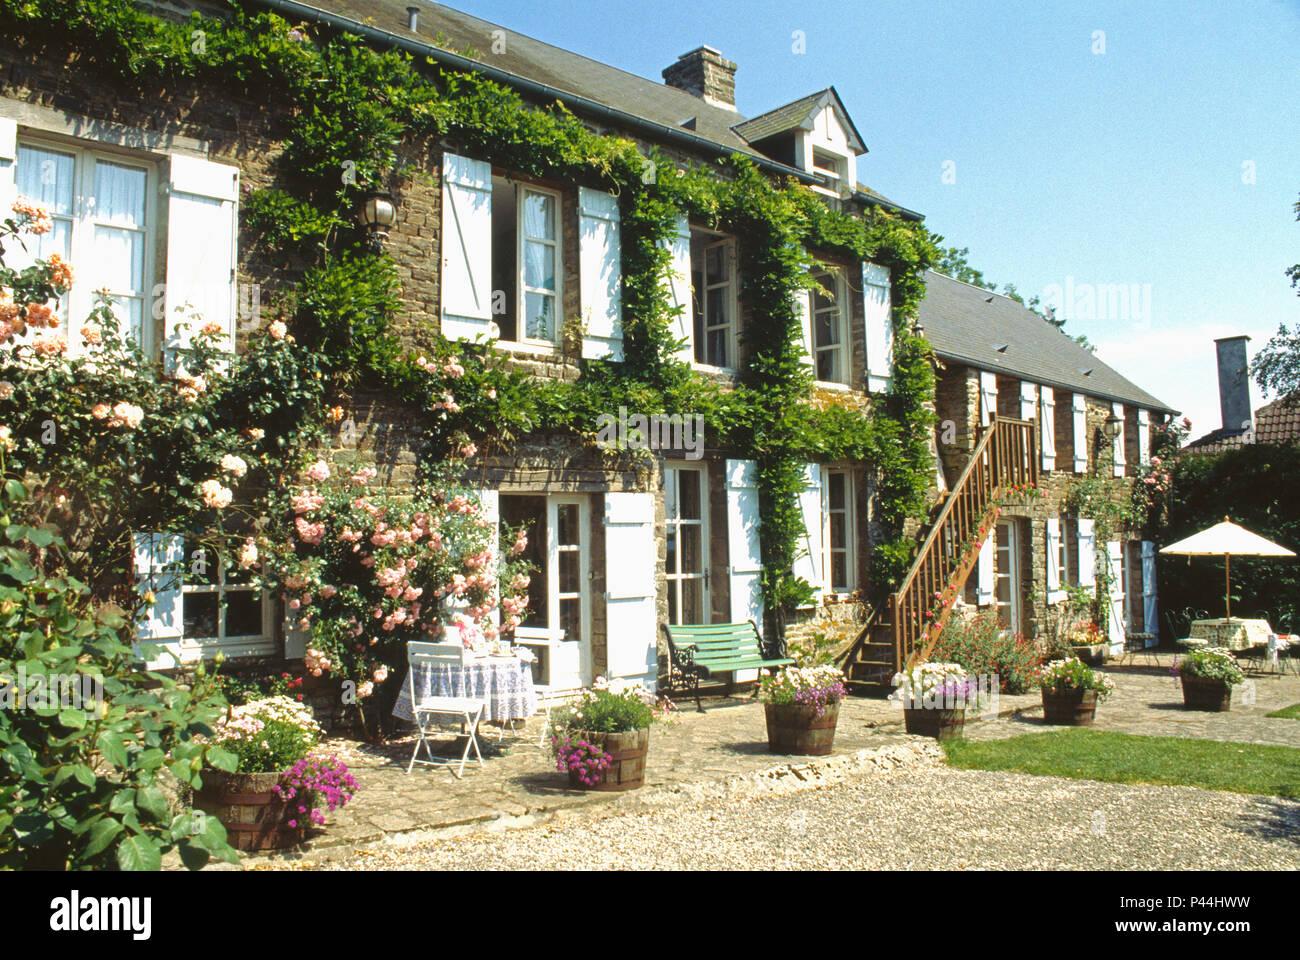 Esterno Casa Di Campagna l'esterno di una casa francese di campagna con persiane di